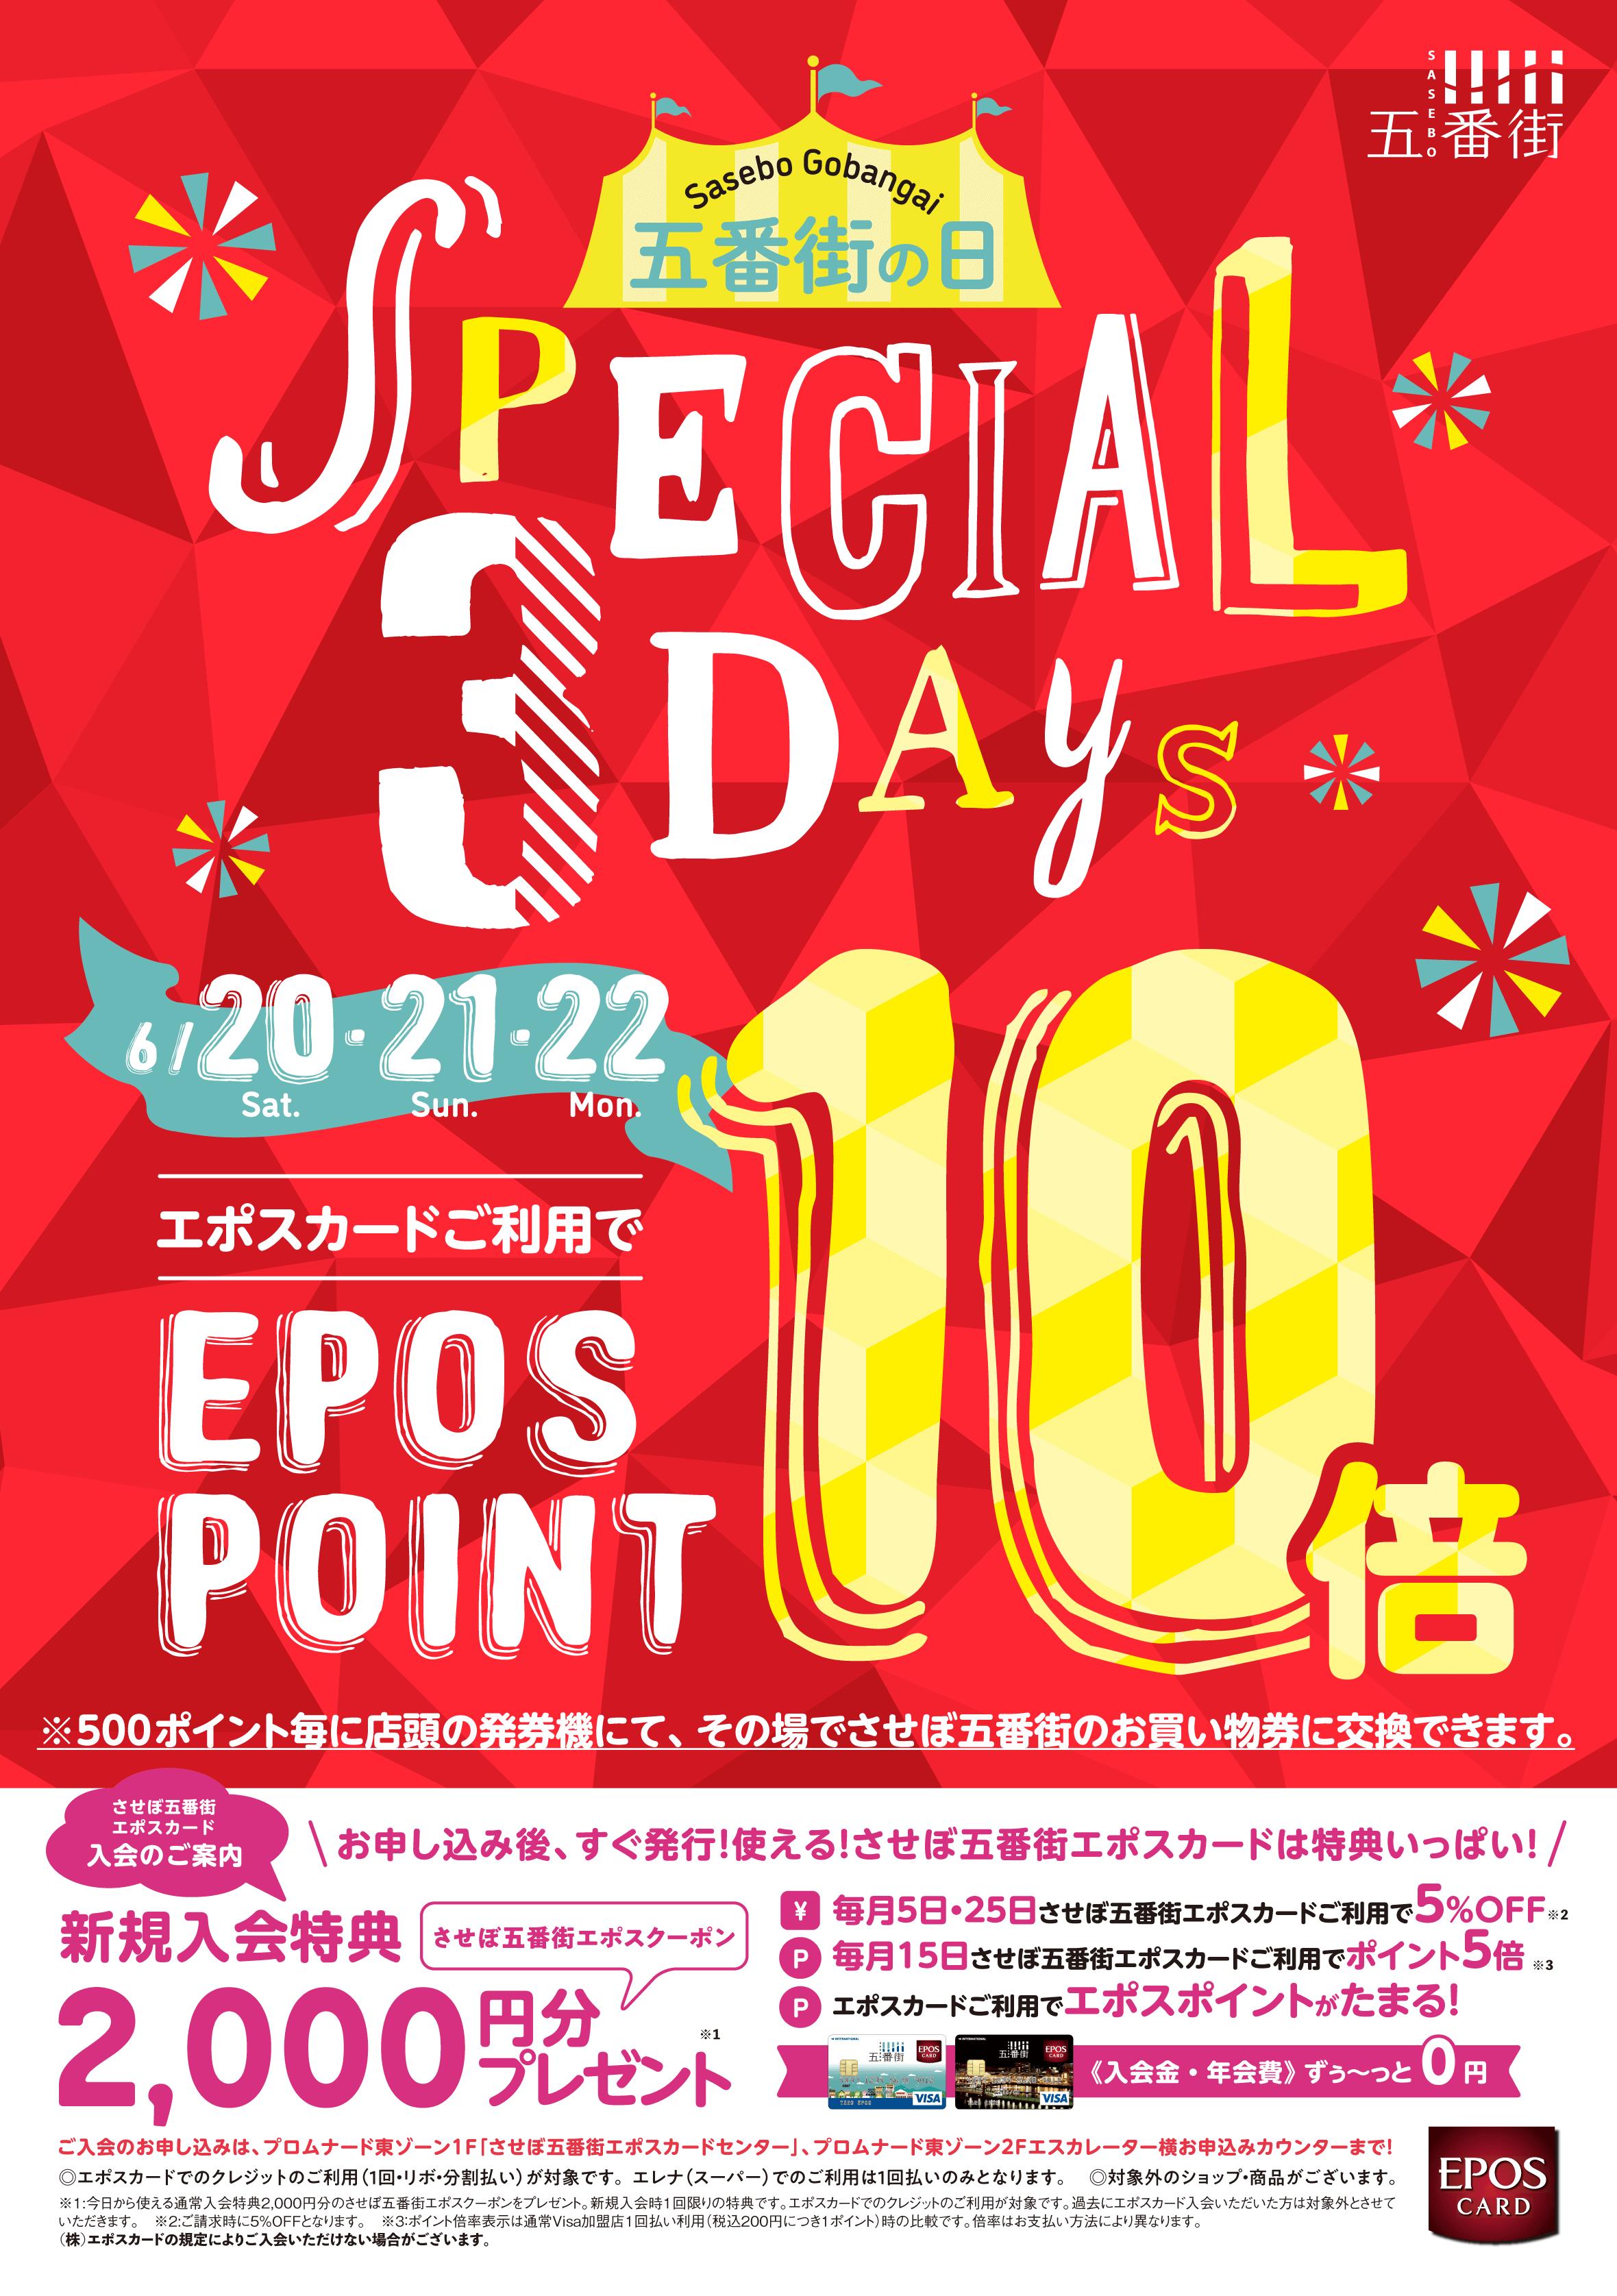 五番街の日 SPECIAL 3DAYS エポスカードご利用で EPOS POINT10倍 6/20〜22